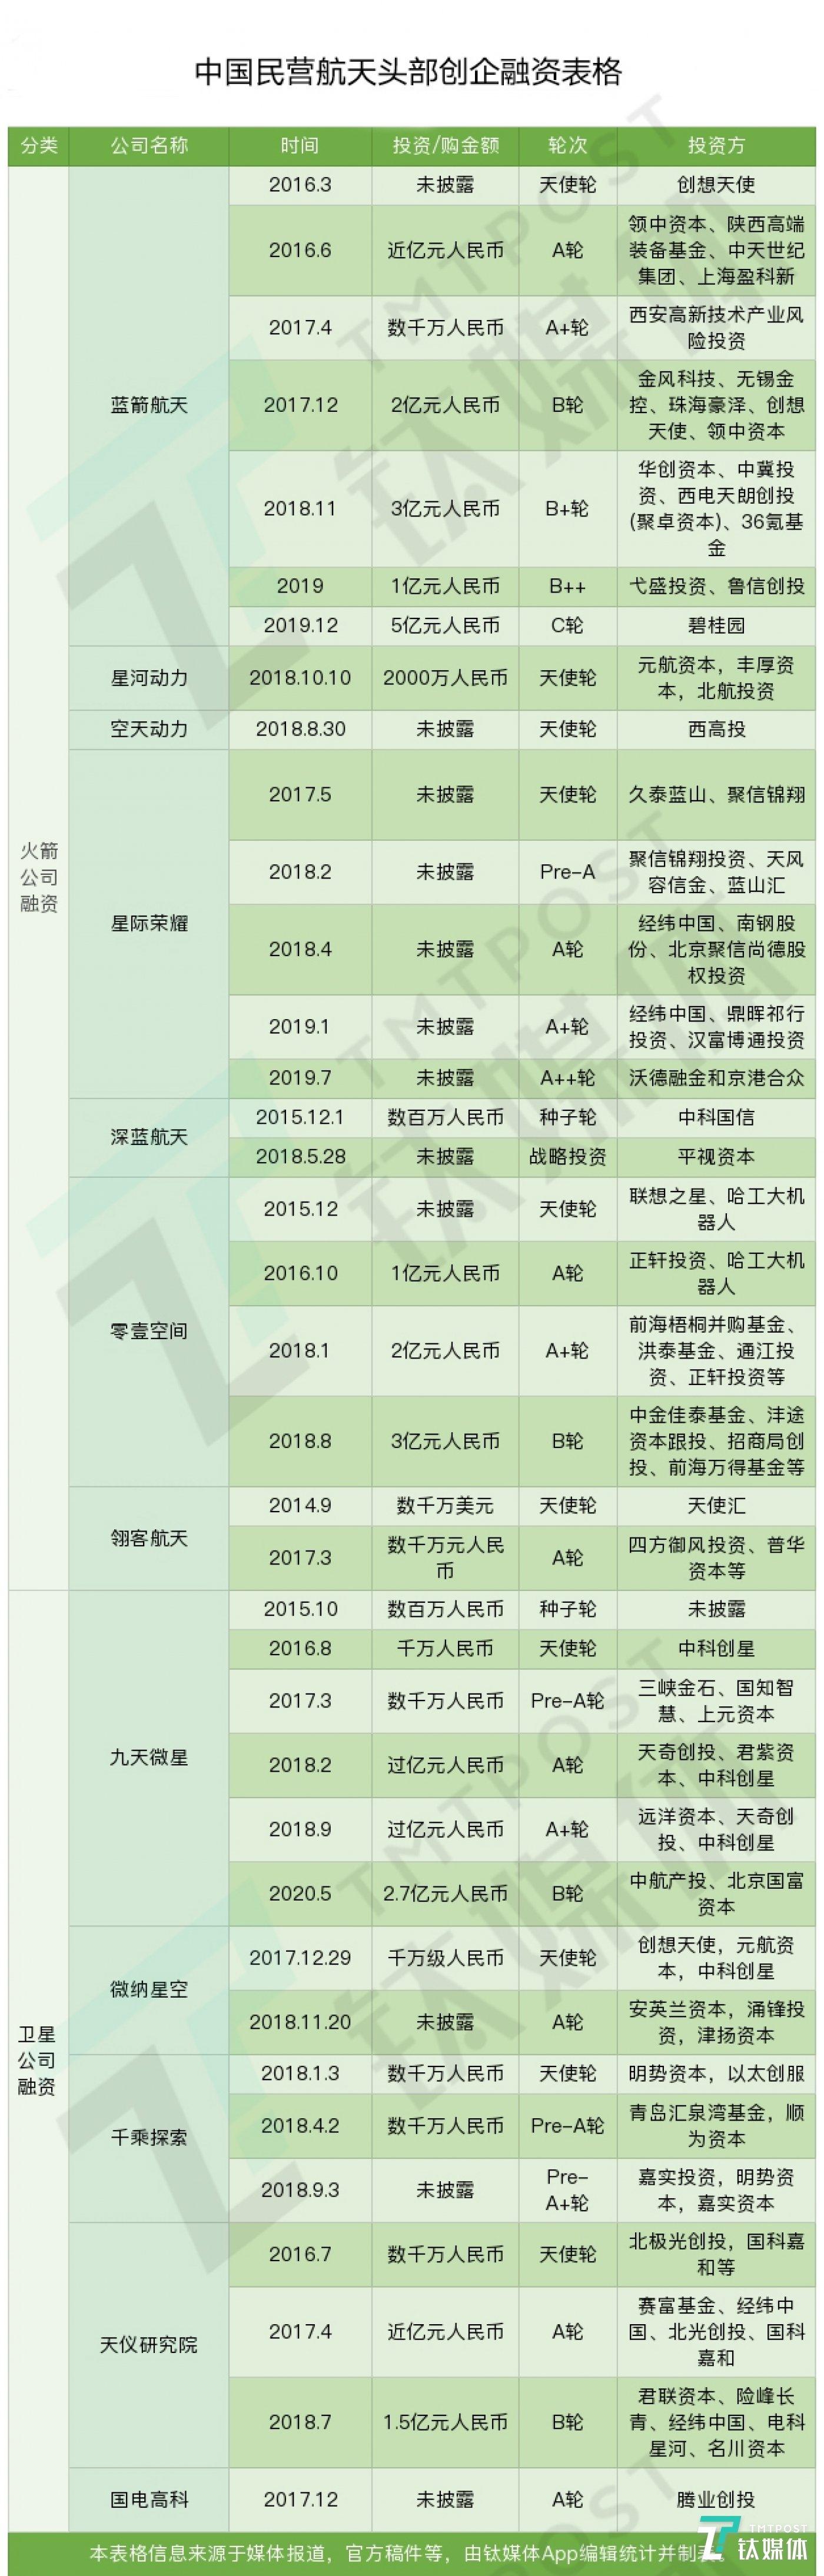 部分中国商业航天创企融资信息表格